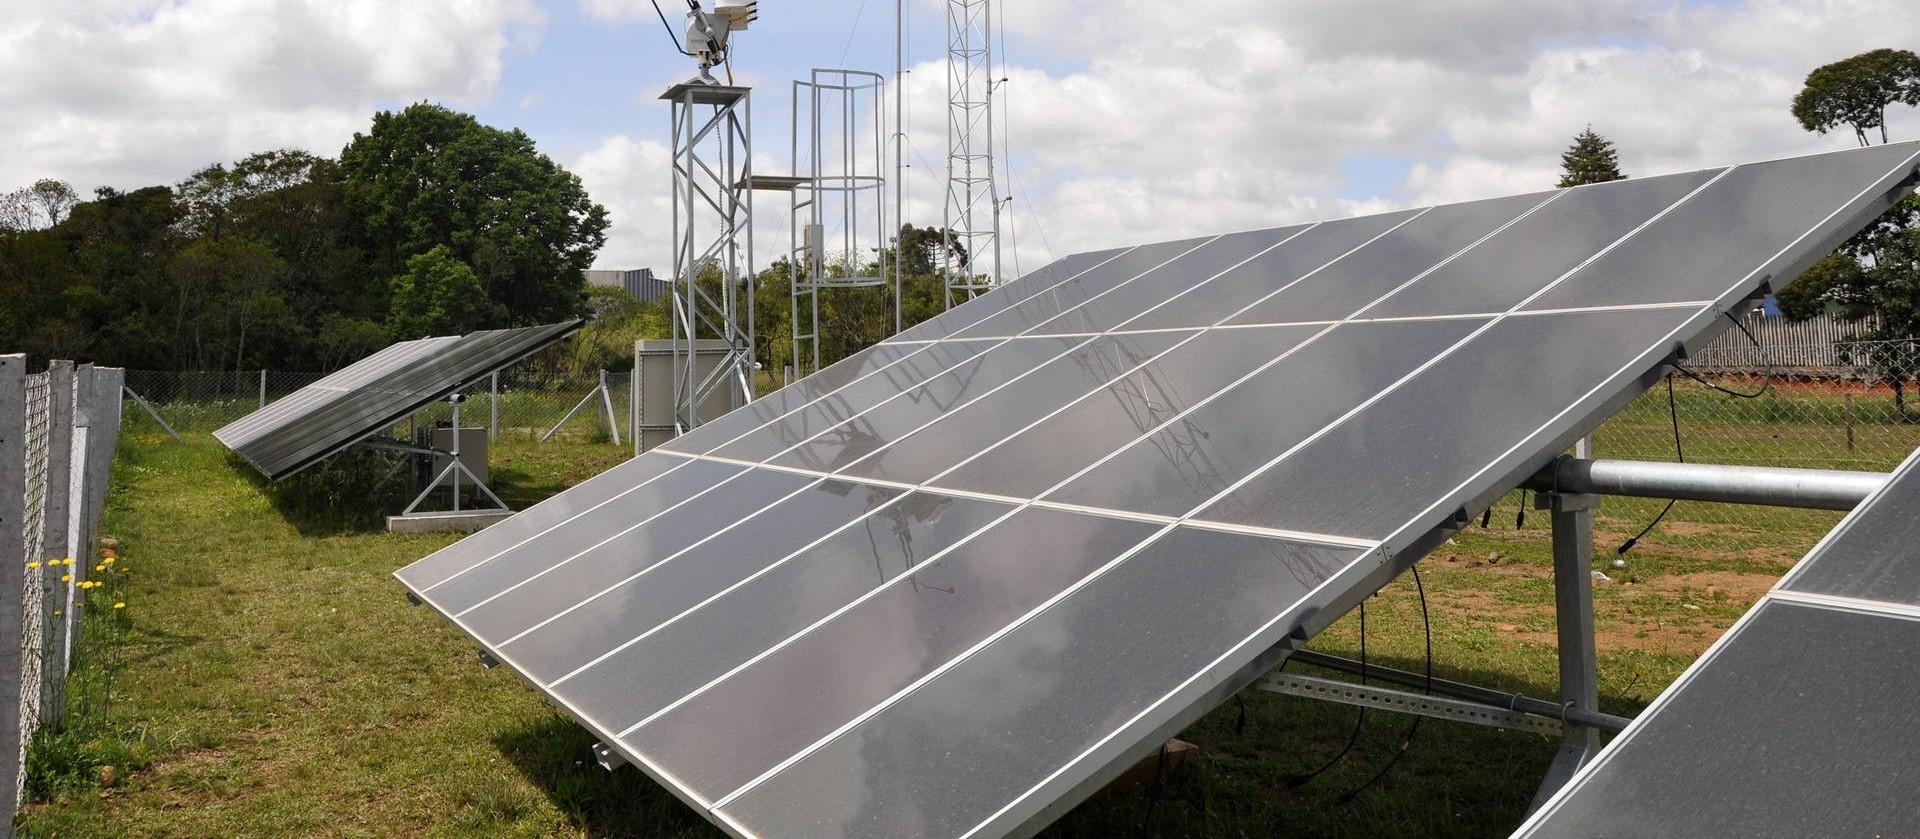 Brasil é o 9º pais do mundo em produção de energia fotovoltaica